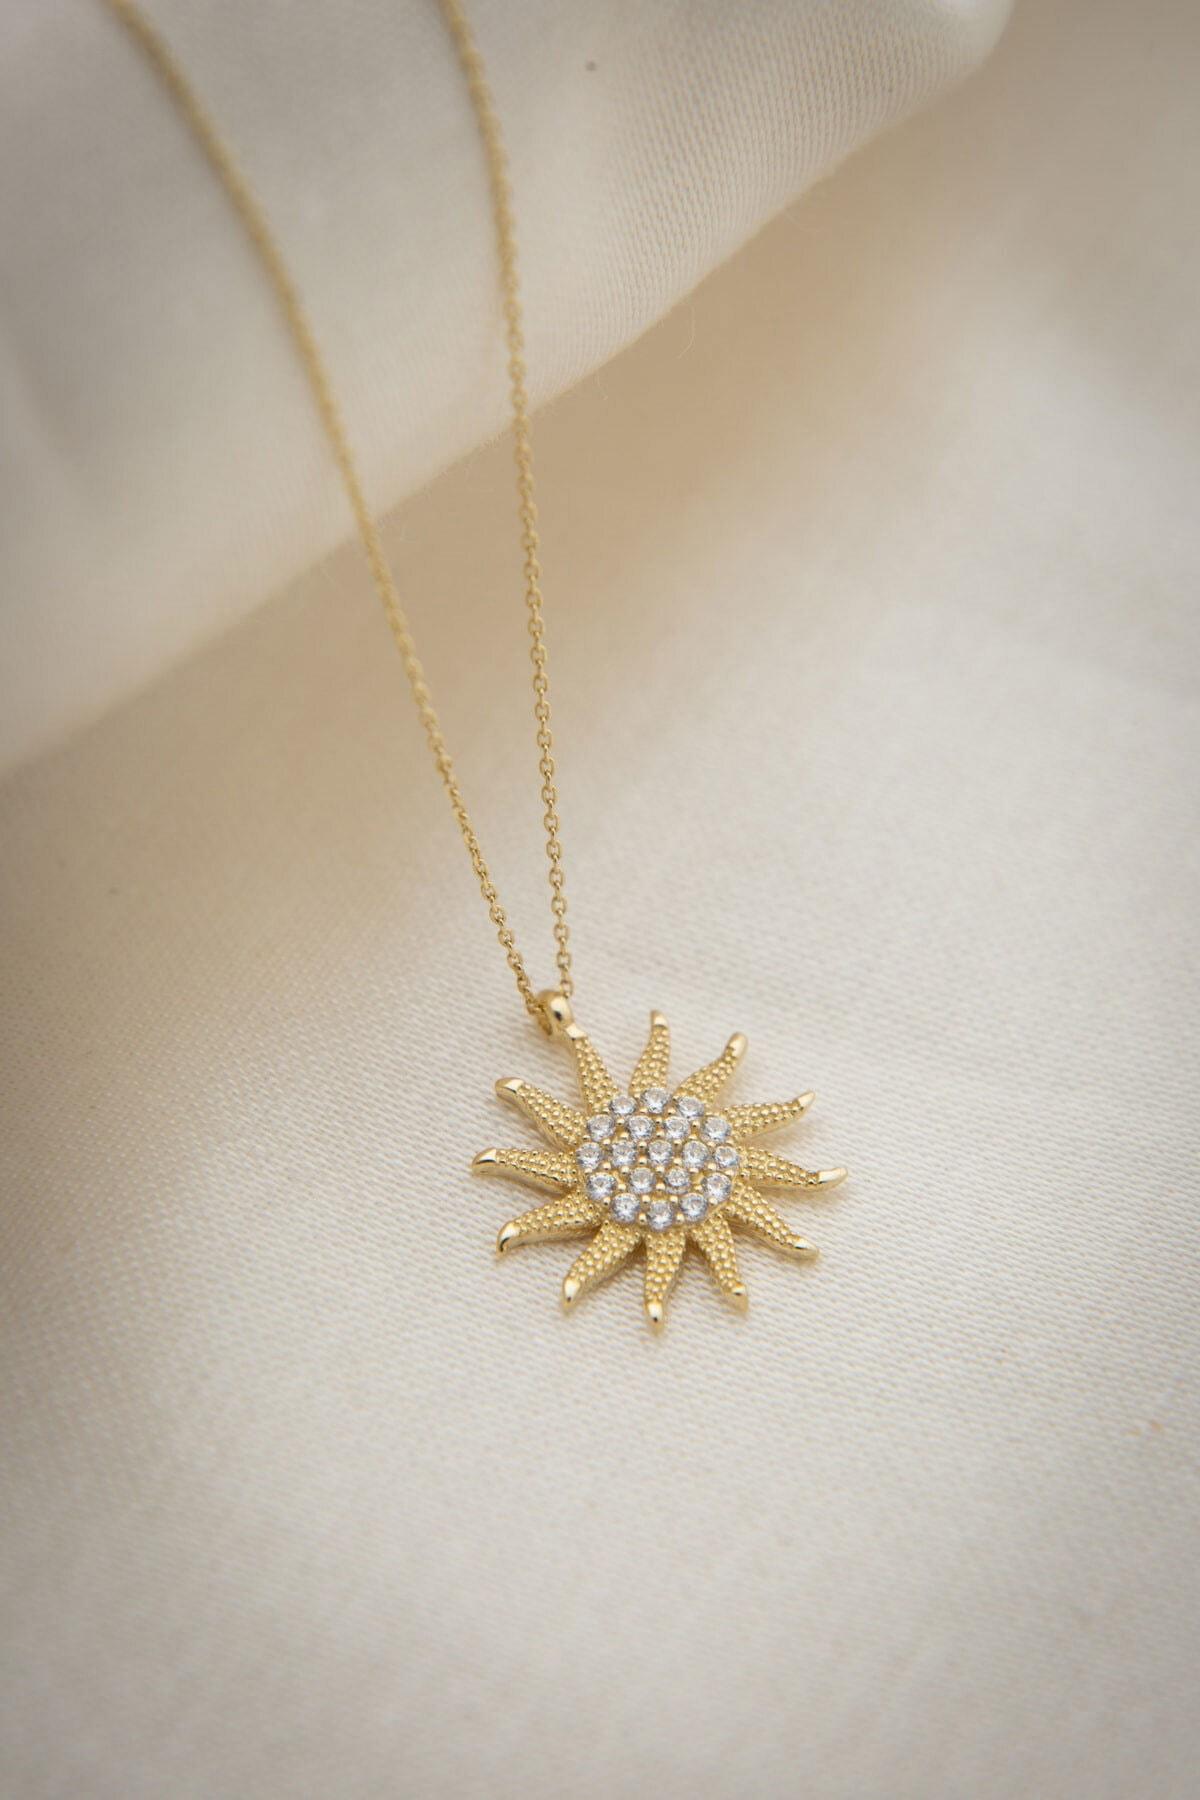 Papatya Silver 925 Ayar Altın Kaplama Zirkon Taşlı Gümüş Güneş Kolye 1